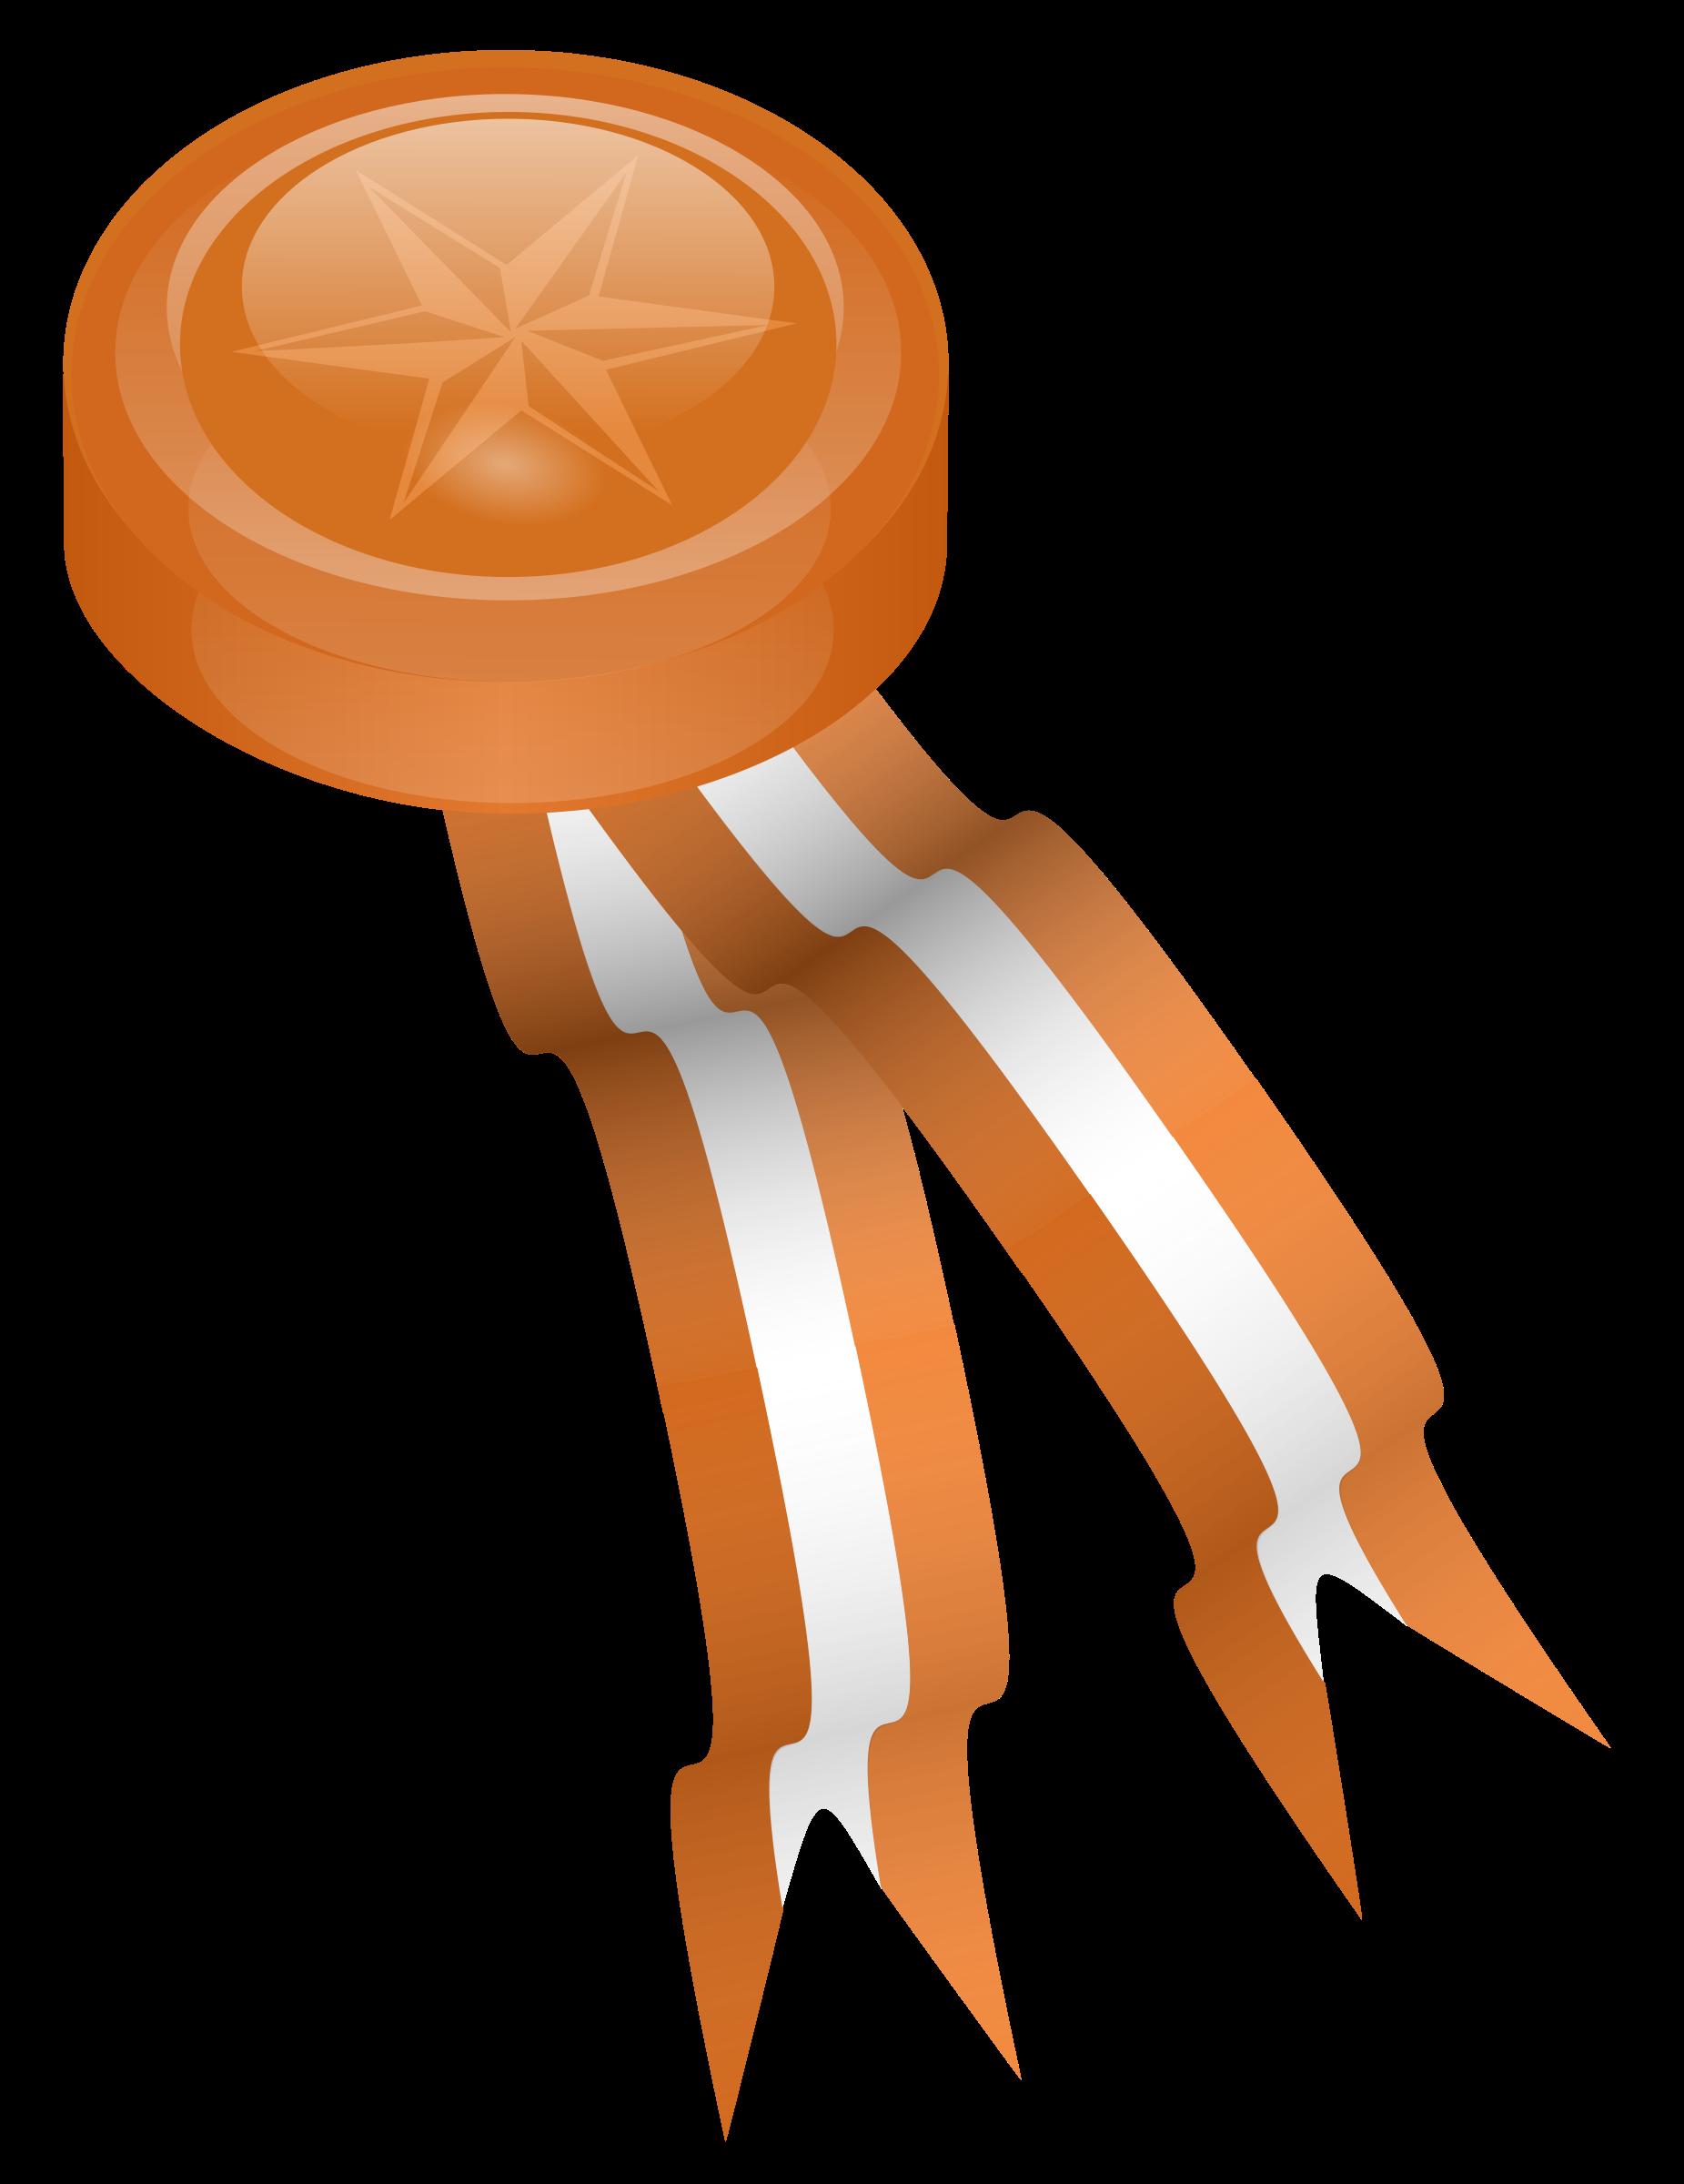 Medal clipart bronze. Medallion big image png